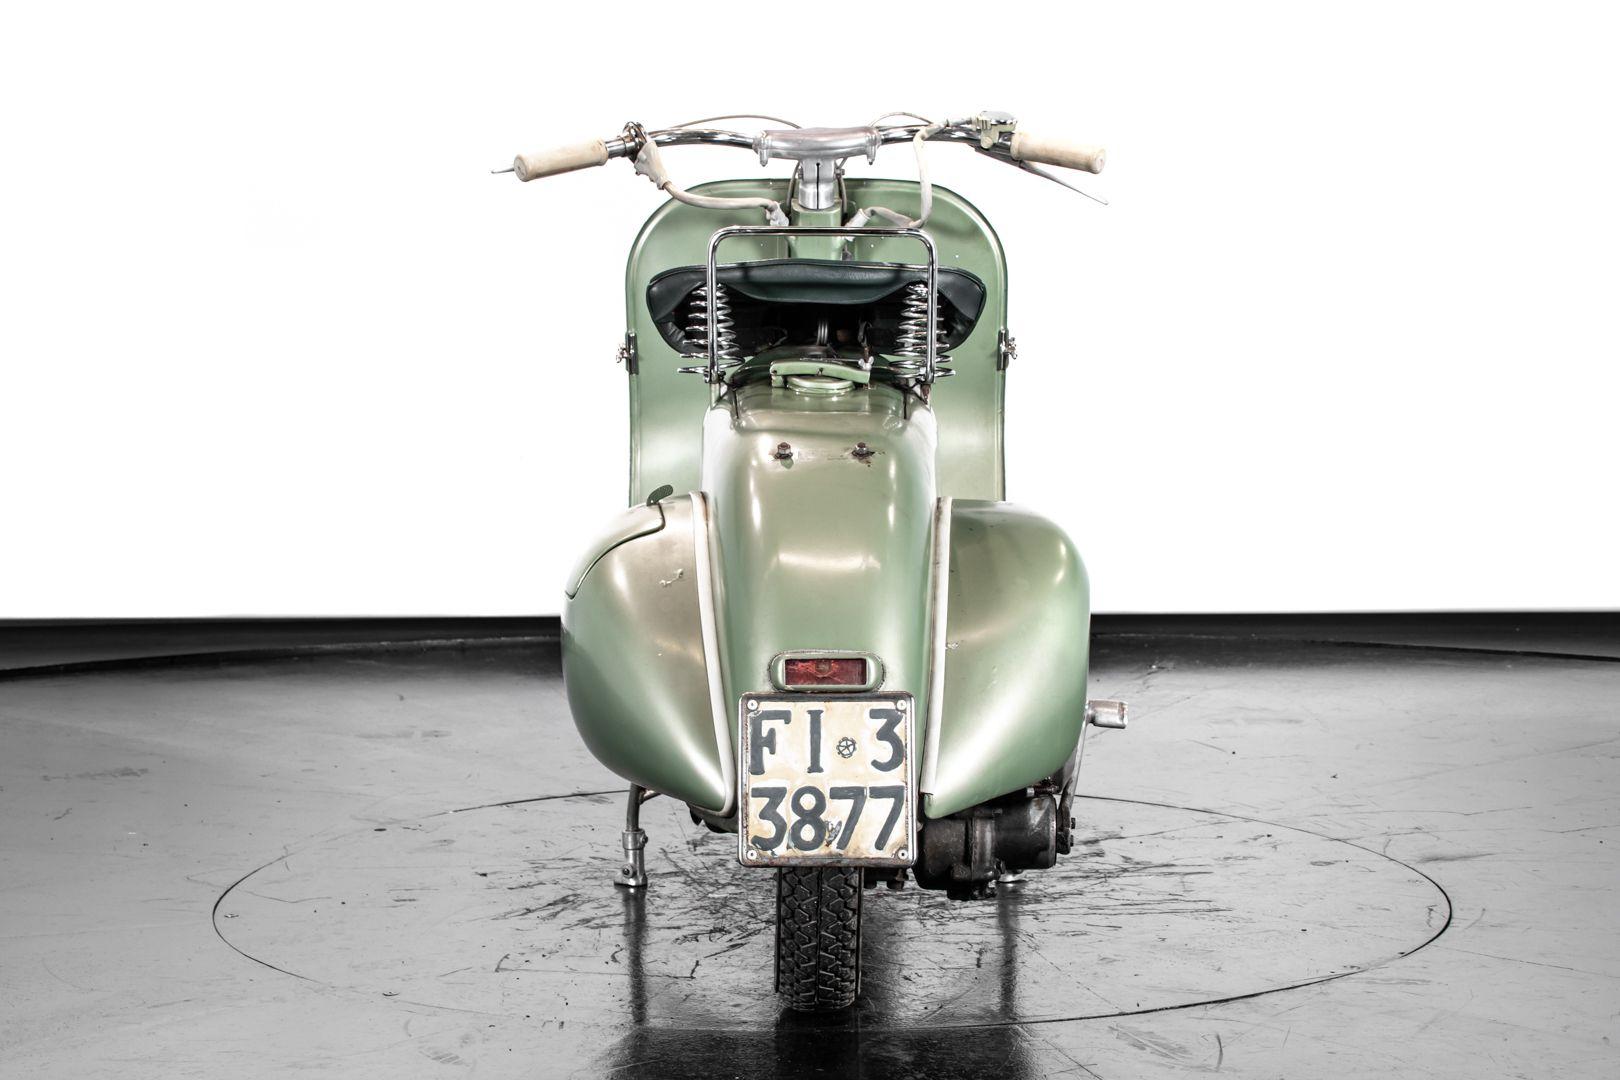 1951 Piaggio Vespa 125 51 V31 80364